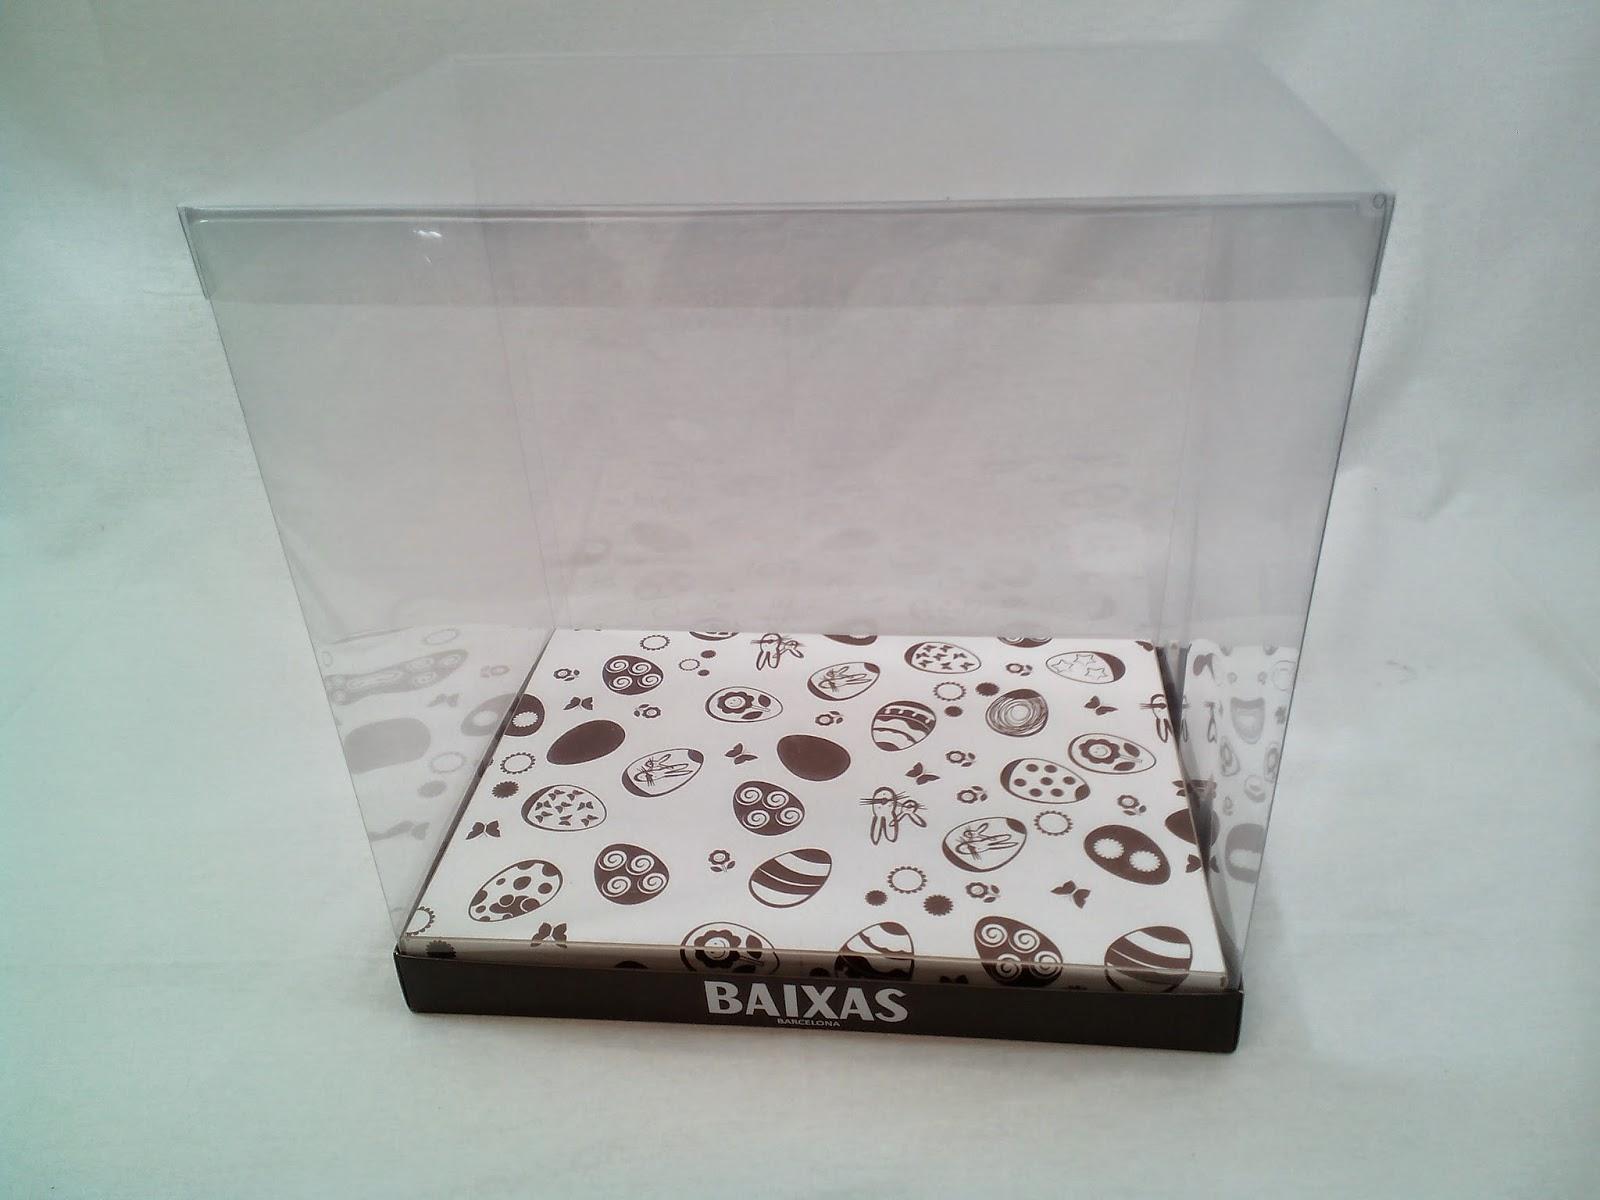 caja transparente impresa